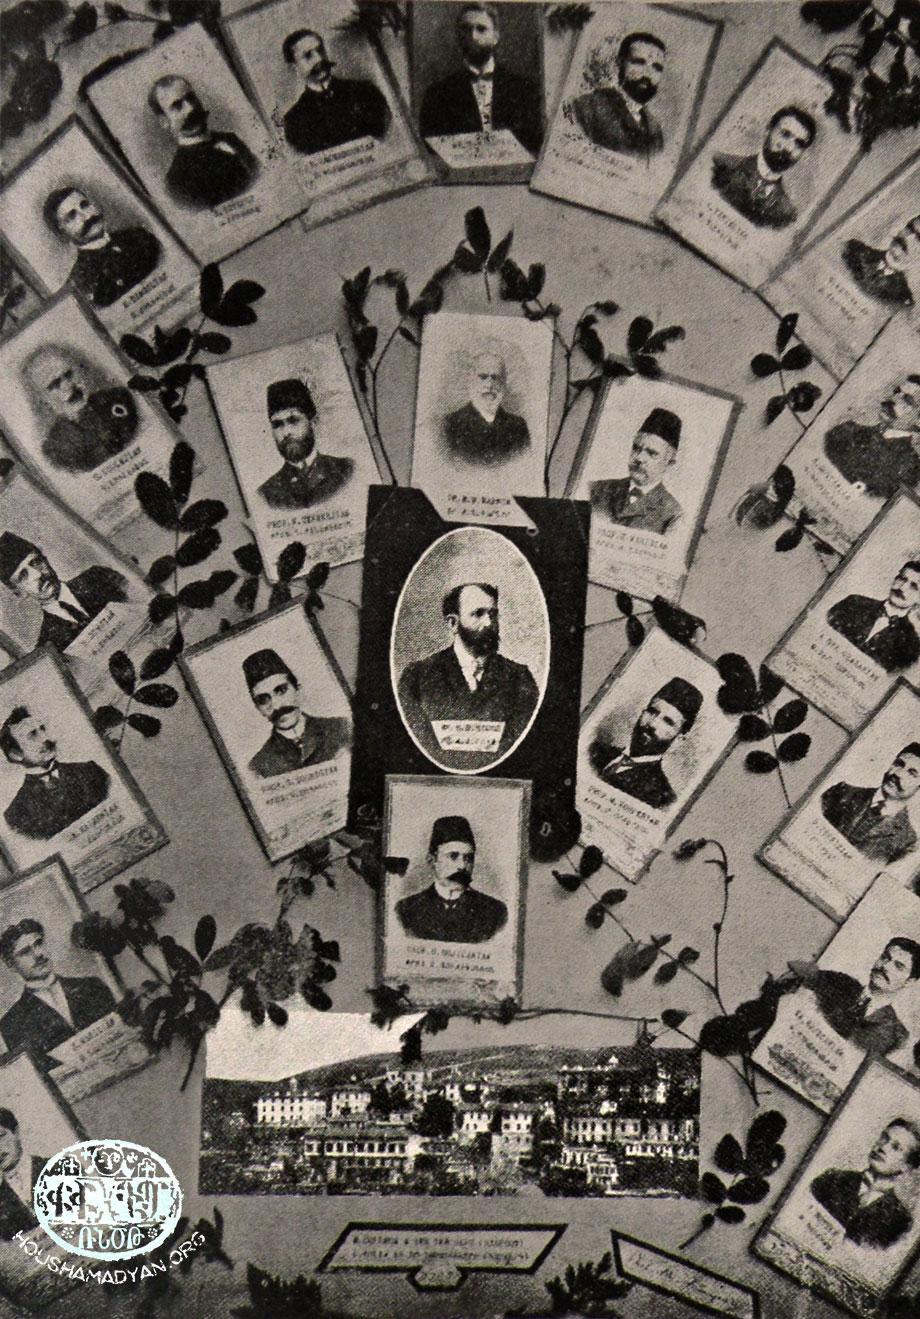 Եփրատ գոլէճի 1908-ի ուսուցչական կազմը